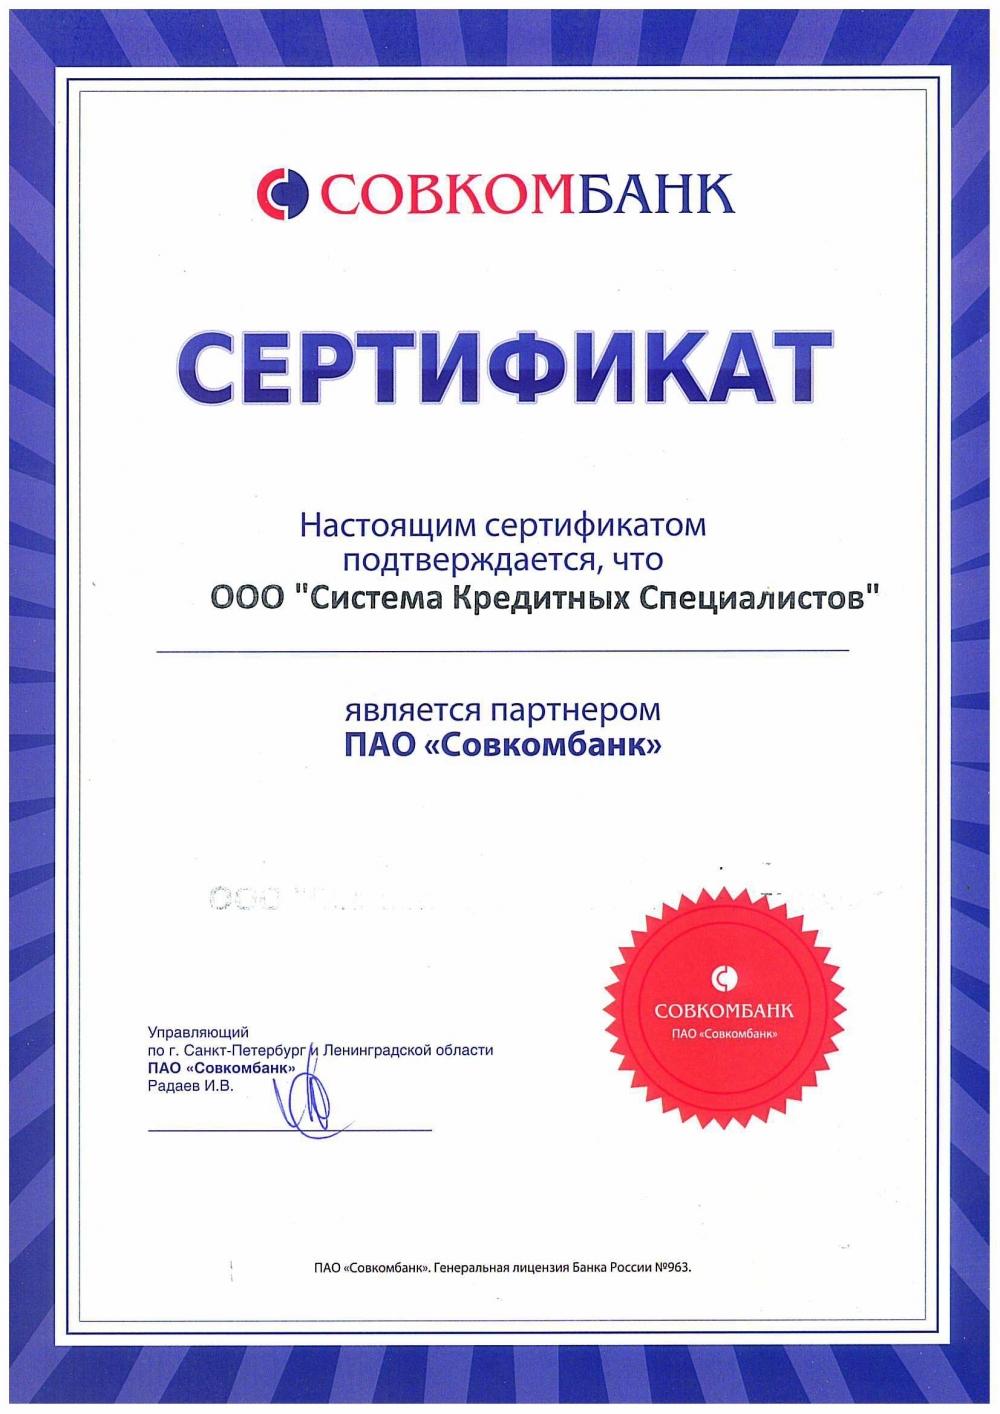 Кредит санкт-петербург банк калькулятор кредита